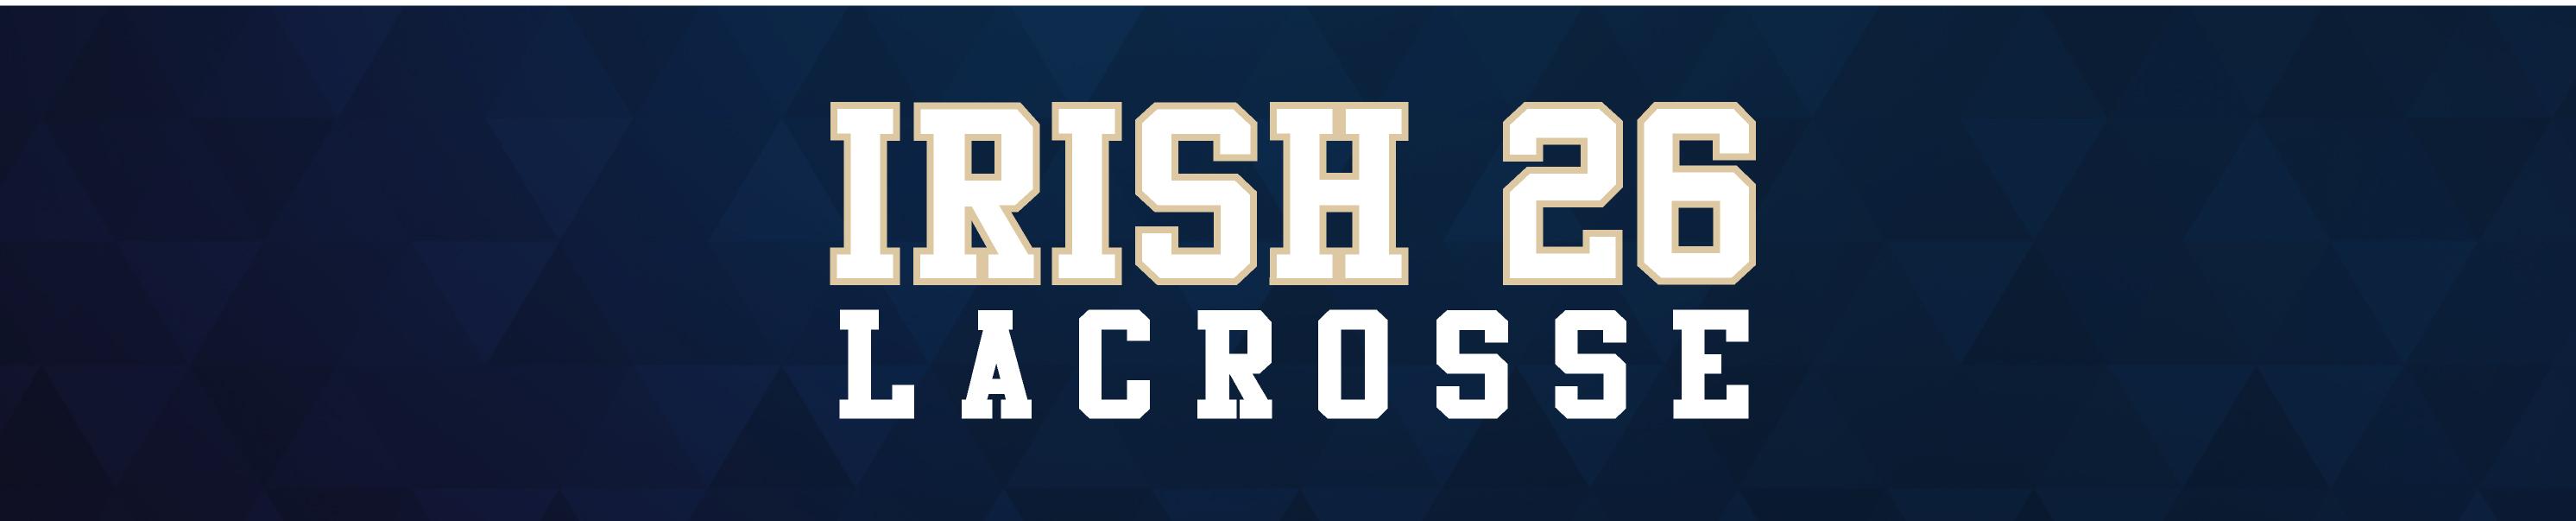 Irish 26 Lacrosse